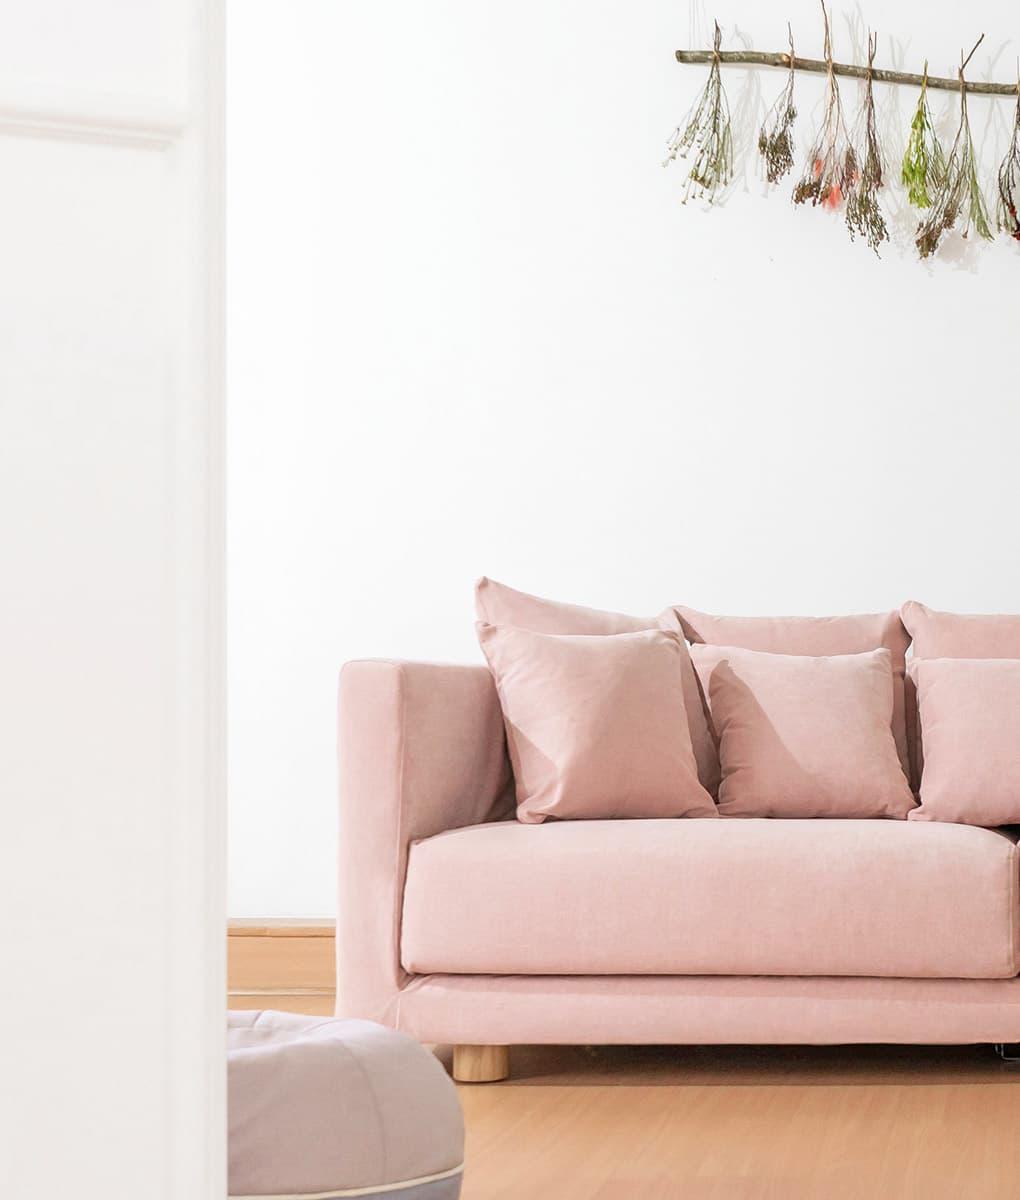 Relleno Cojines Ikea.Fundas De Sofa De Ikea Fundas De Sofa A Medida Comfort Works